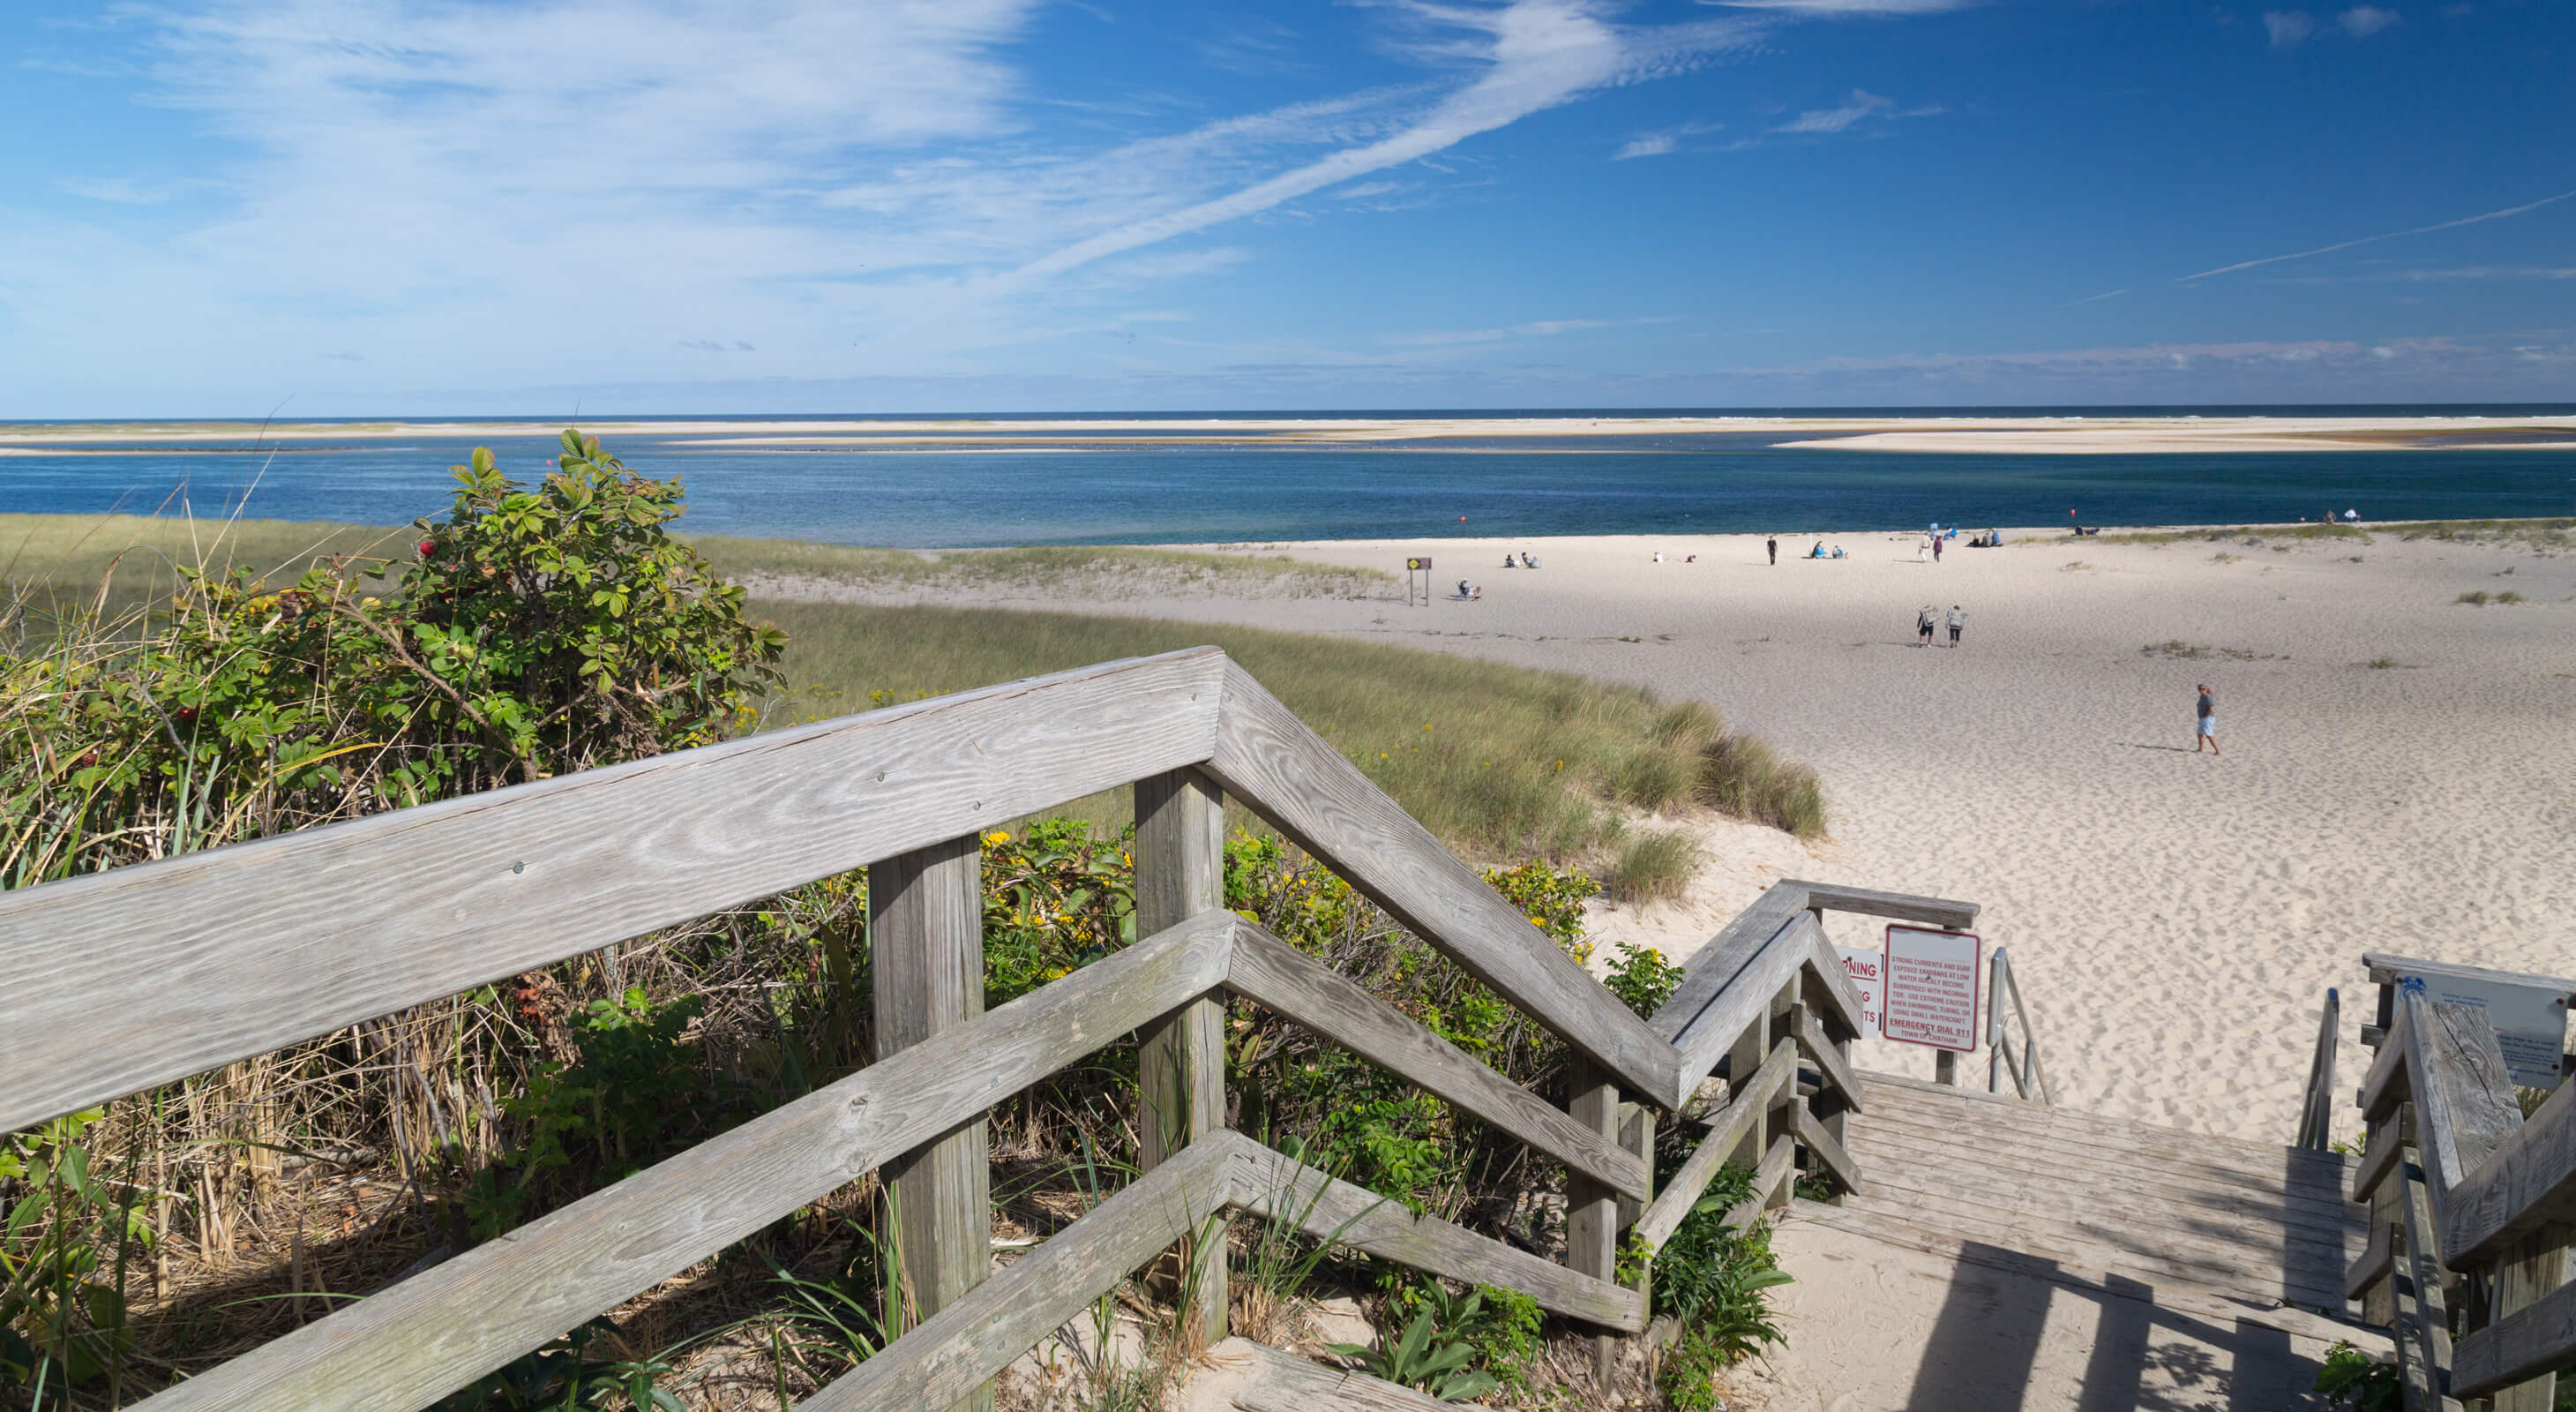 Chatham Inn - Cape Cod Relais & Chateaux Property - Beach View